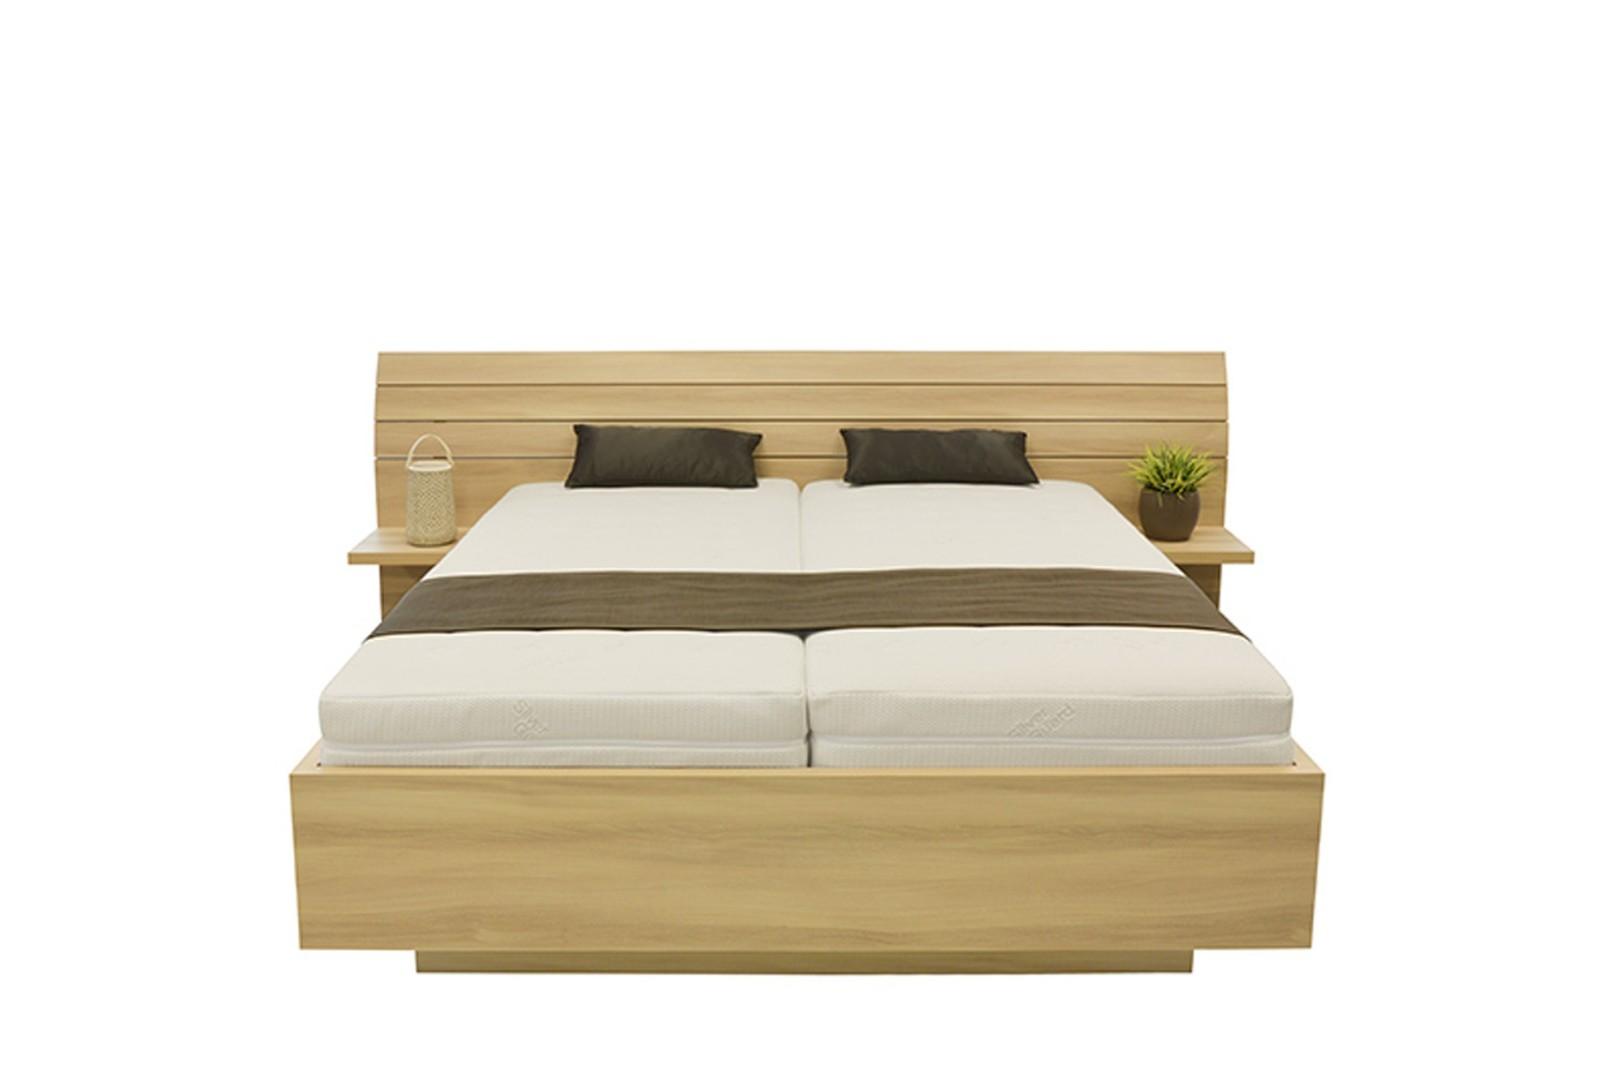 Ahorn SALINA - dvojlôžková posteľ so širokým čelom 180 x 200 cm, 38 mm lamino